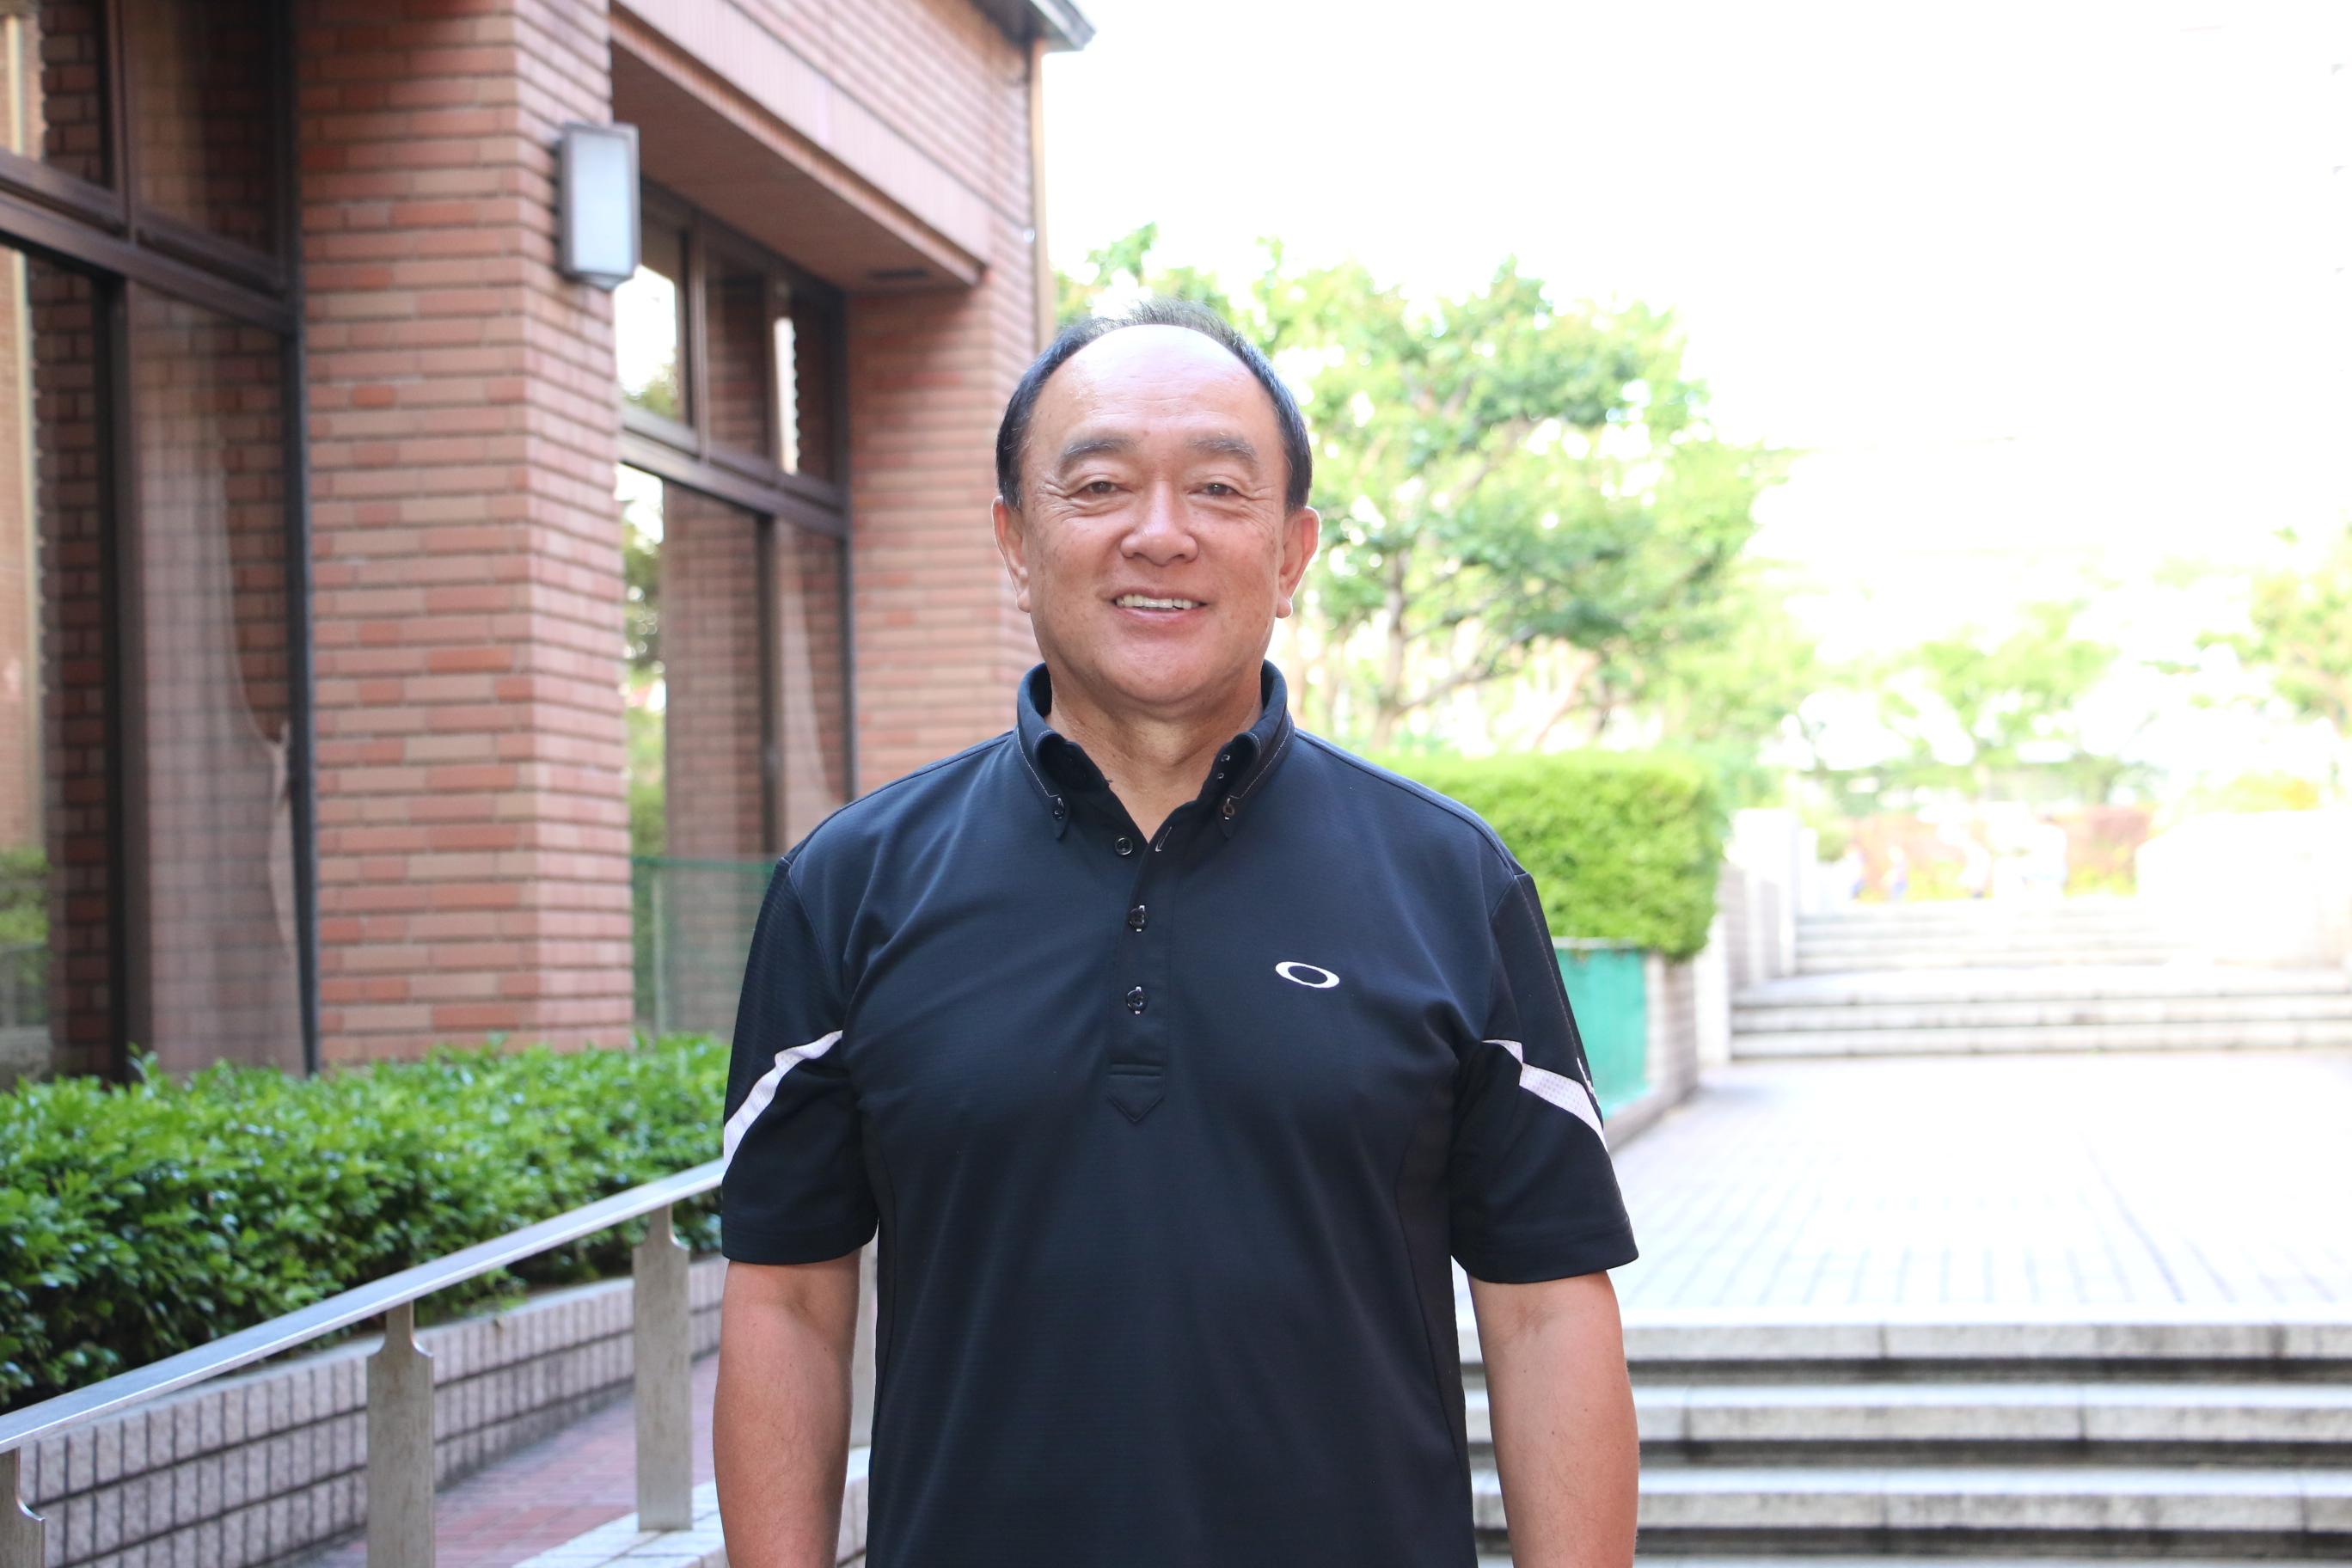 国際コーチ連盟プロフェッショナルコーチ資格を持つ清水隆一さんが笑顔で正面を向いている